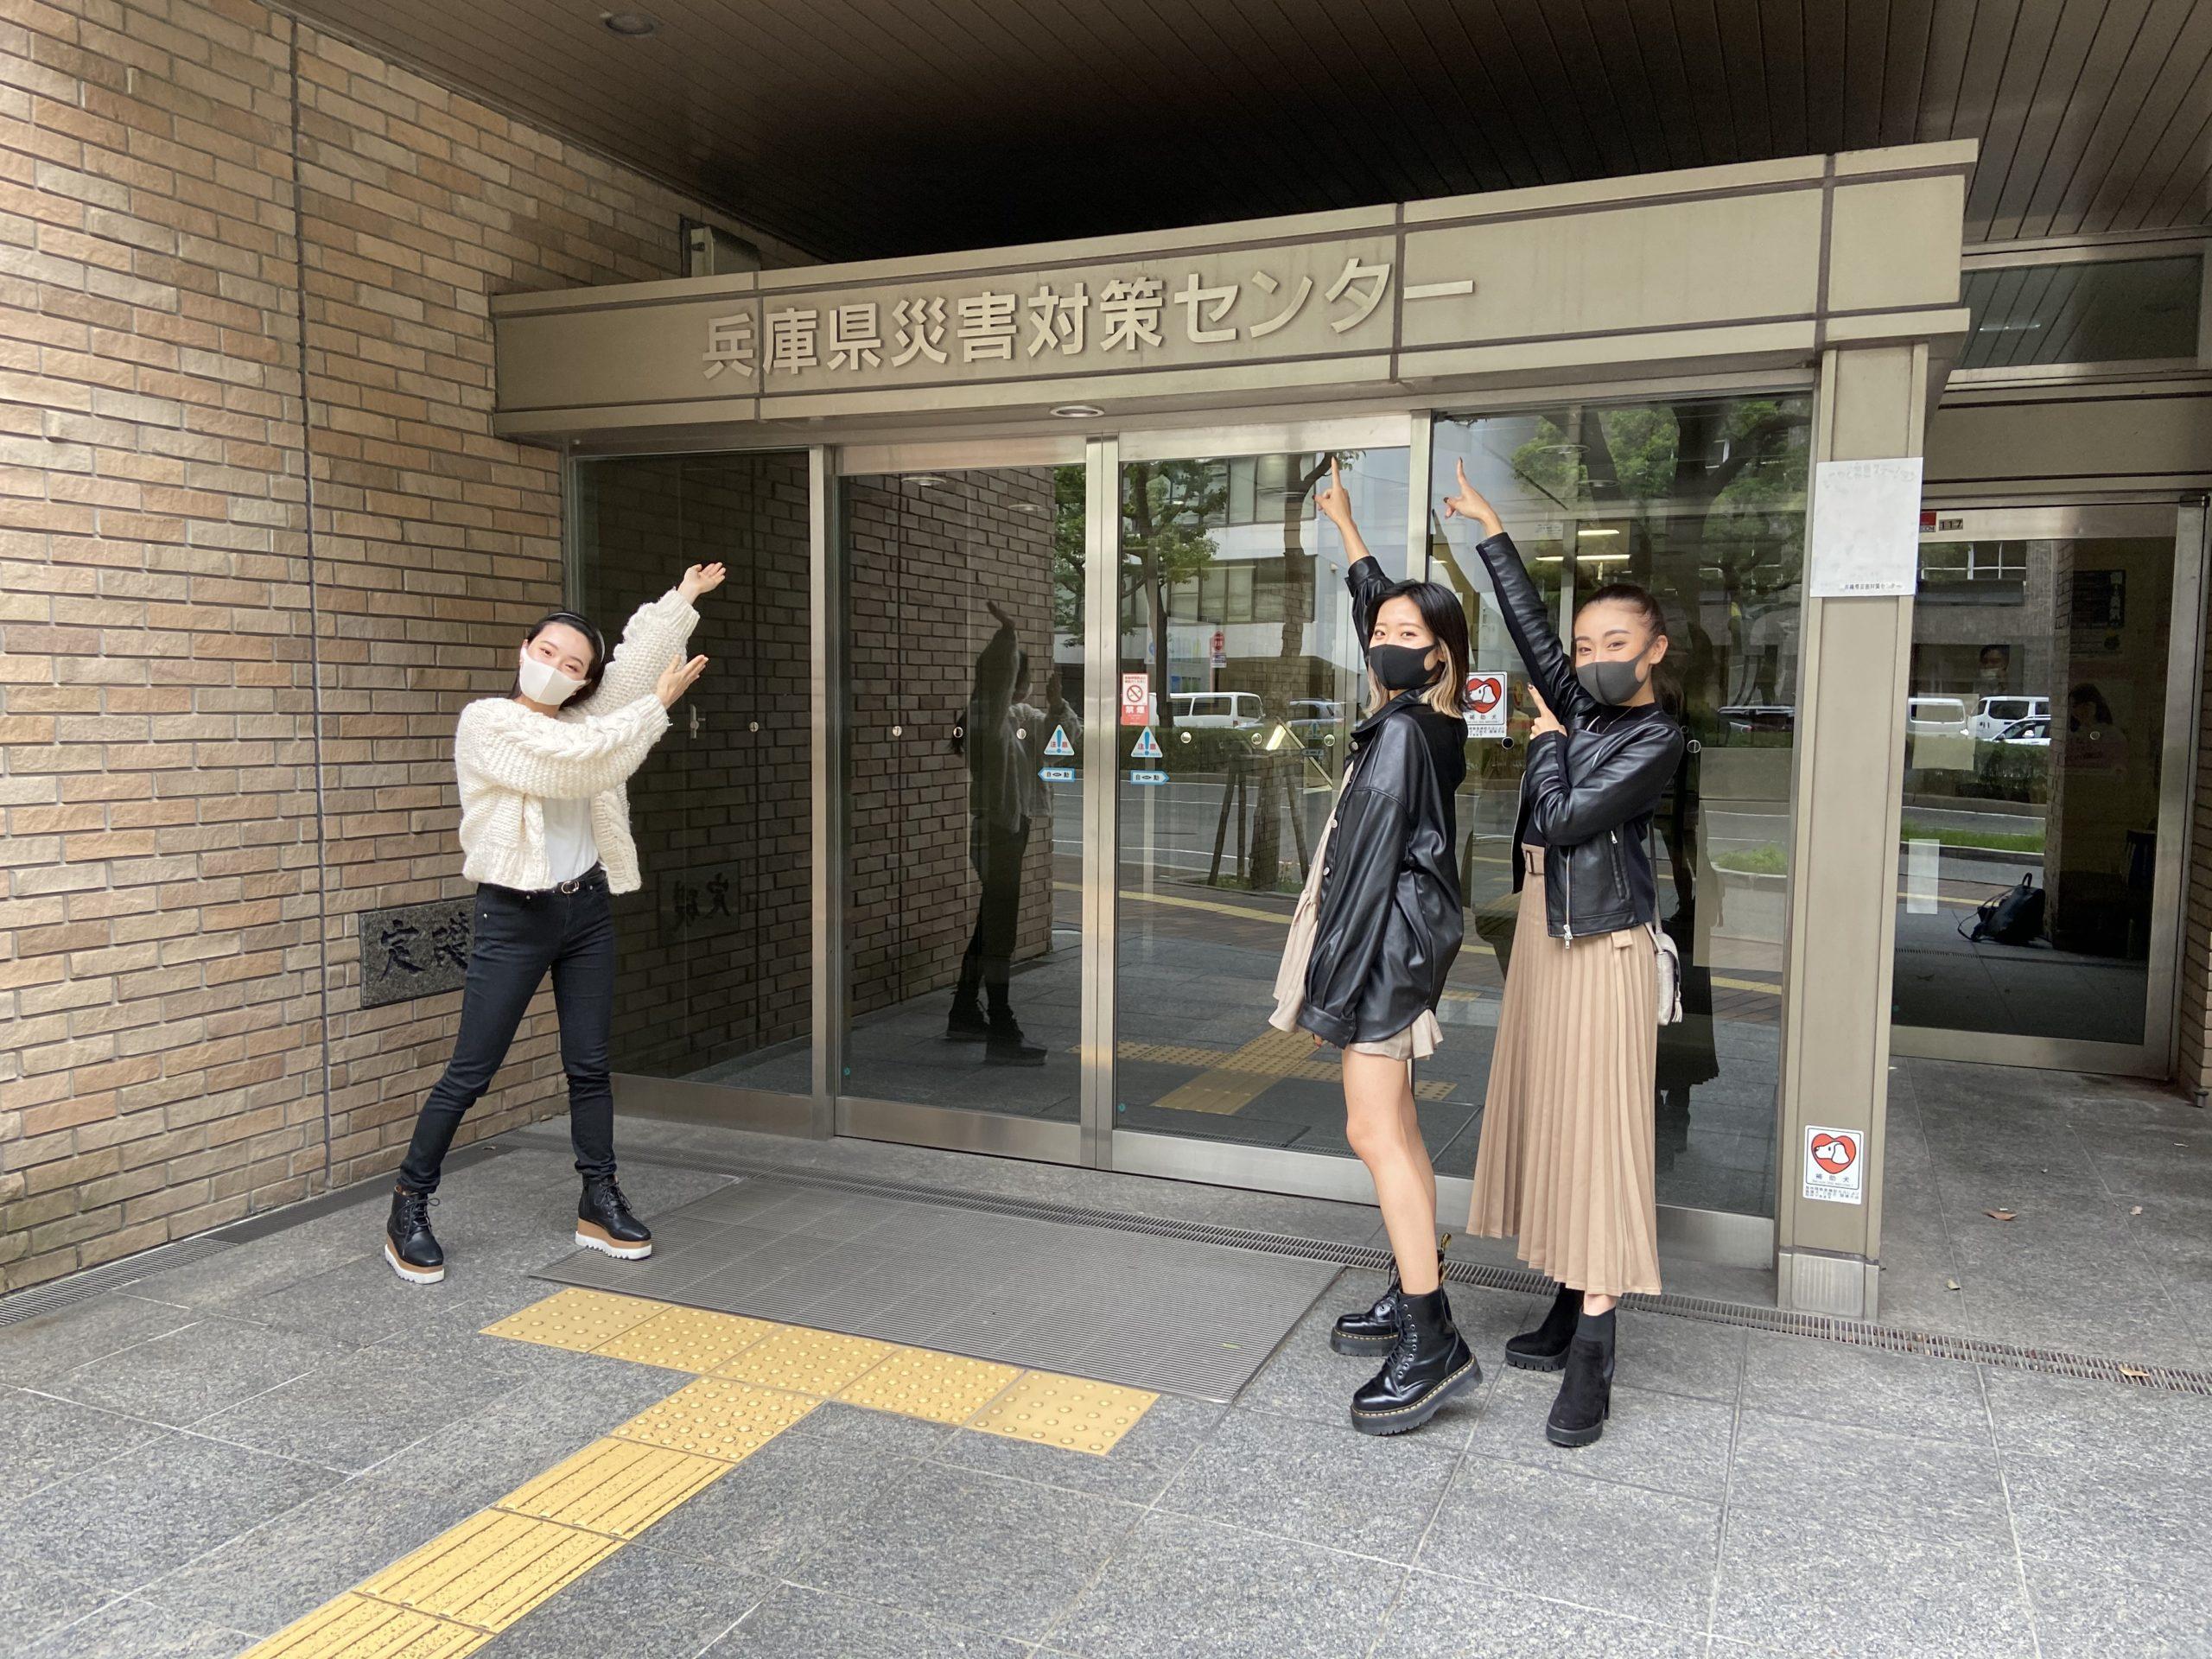 兵庫県災害対策課にインフルエンサーが防災についてインタビュー